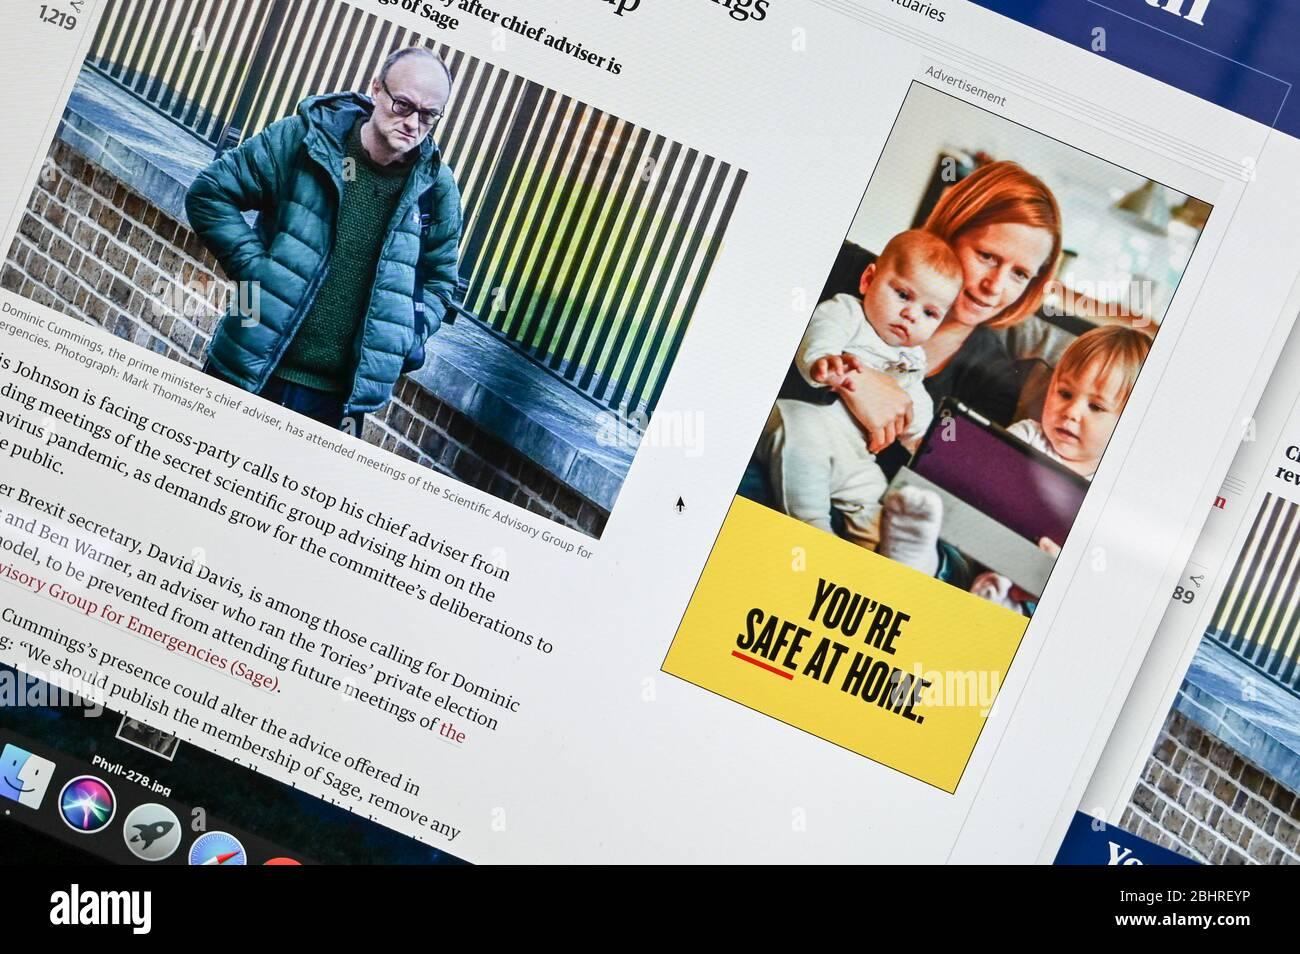 Informations publiques en ligne Coronavirus/ Covid annonce, 'vous êtes sûr à la maison' juxtaposée à un article et une photo présentant Dominic Cummings. Banque D'Images